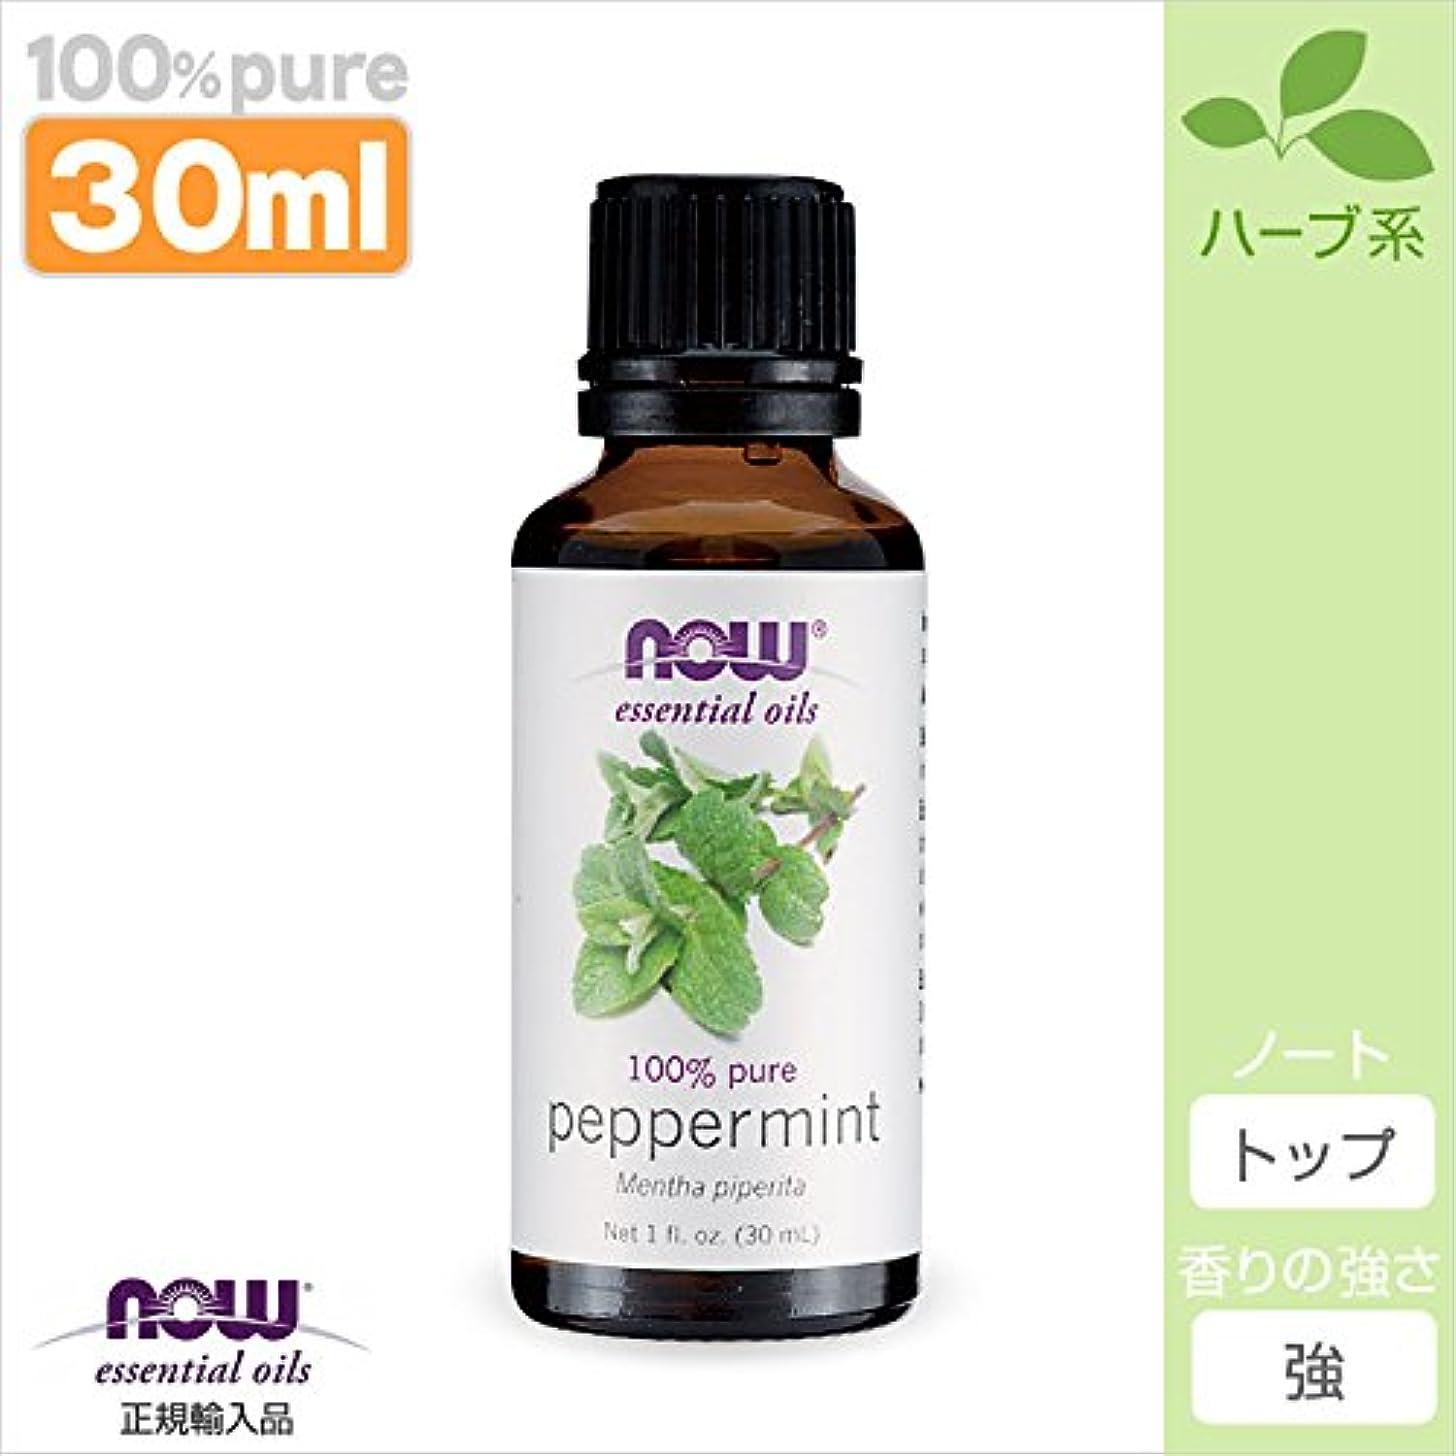 機密引退した追い付くペパーミント精油[30ml] 【正規輸入品】 NOWエッセンシャルオイル(アロマオイル)